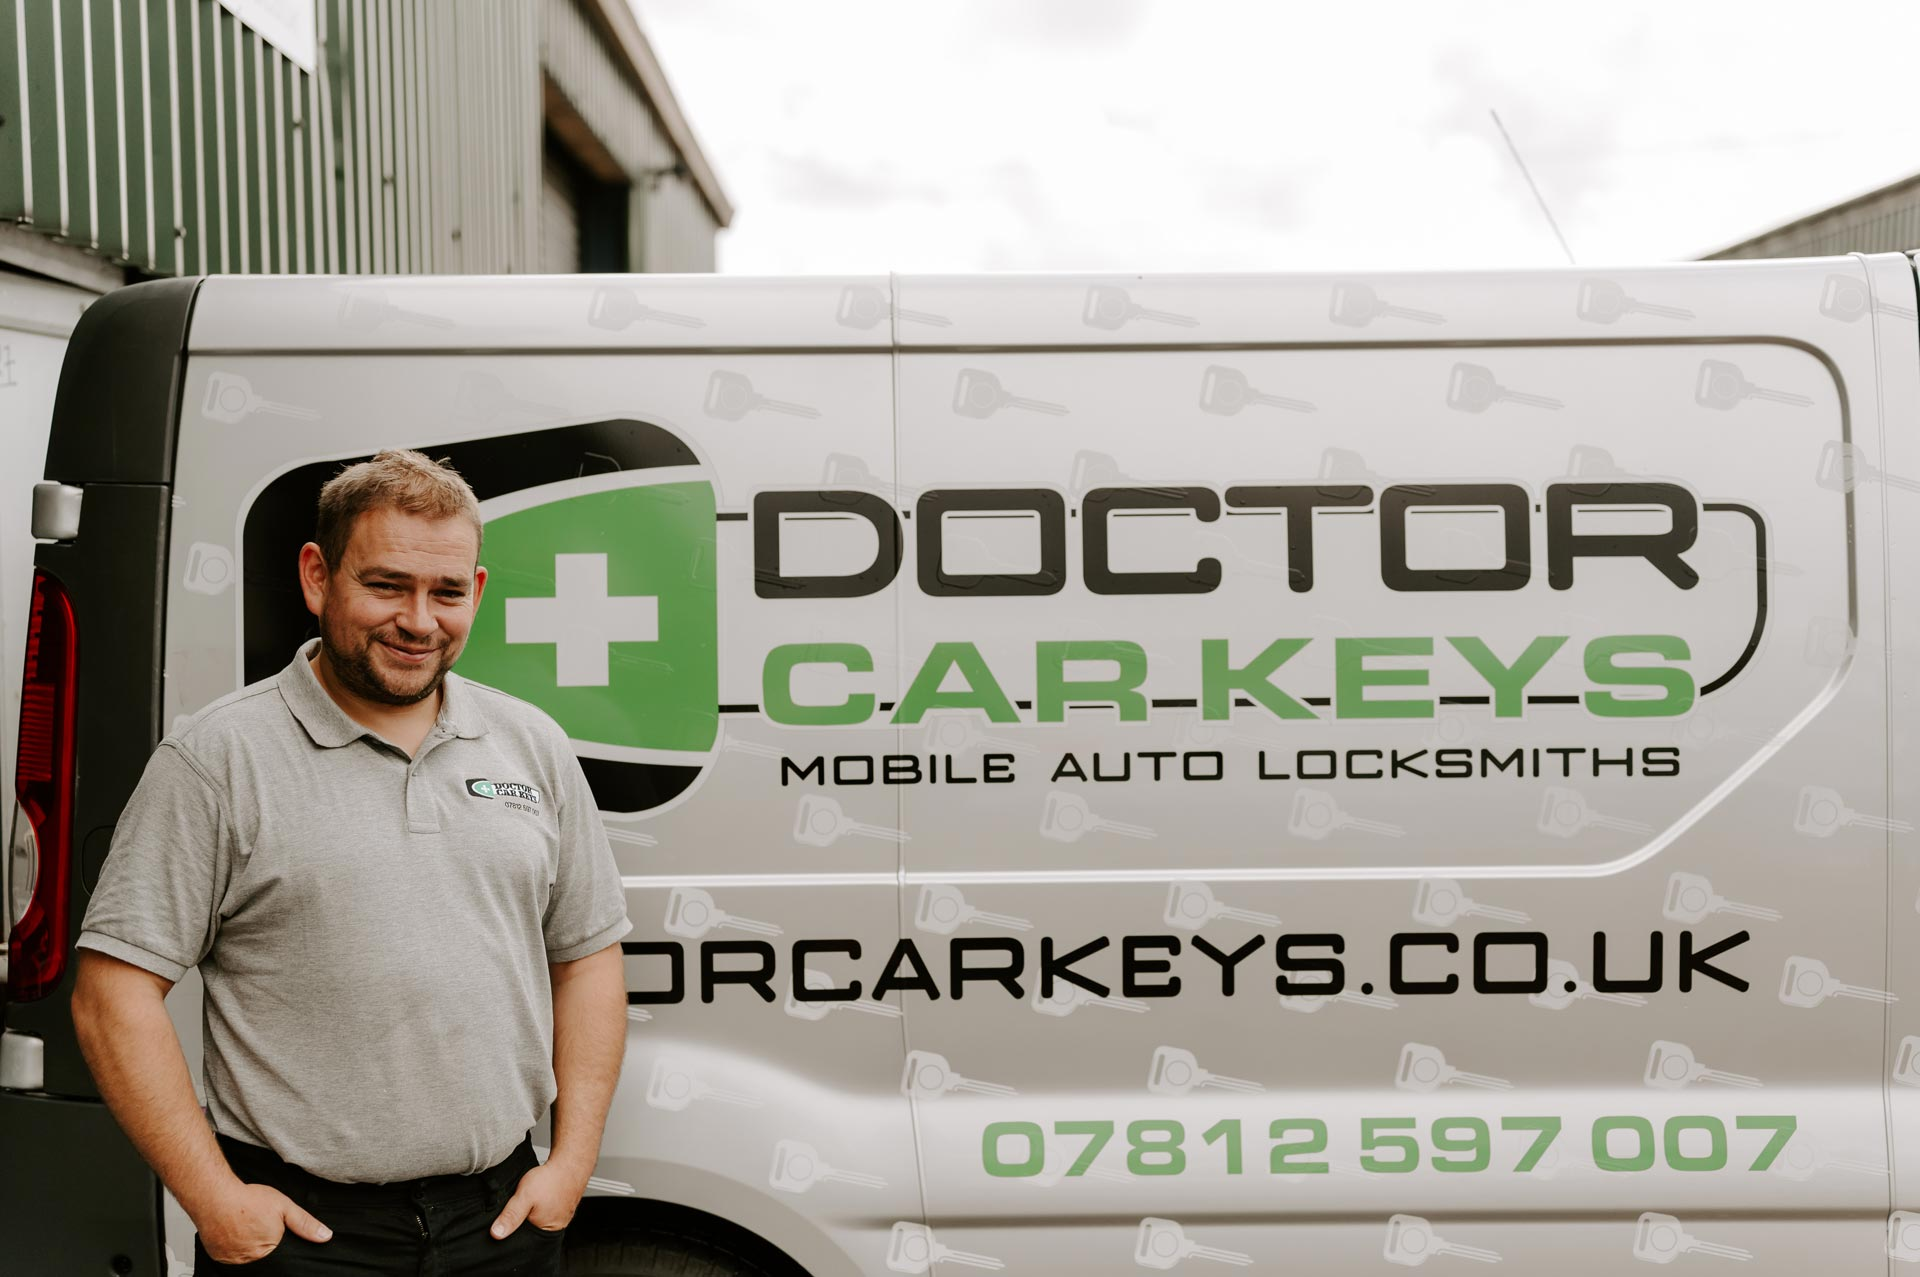 Auto Locksmiths in Henley-on-Thames